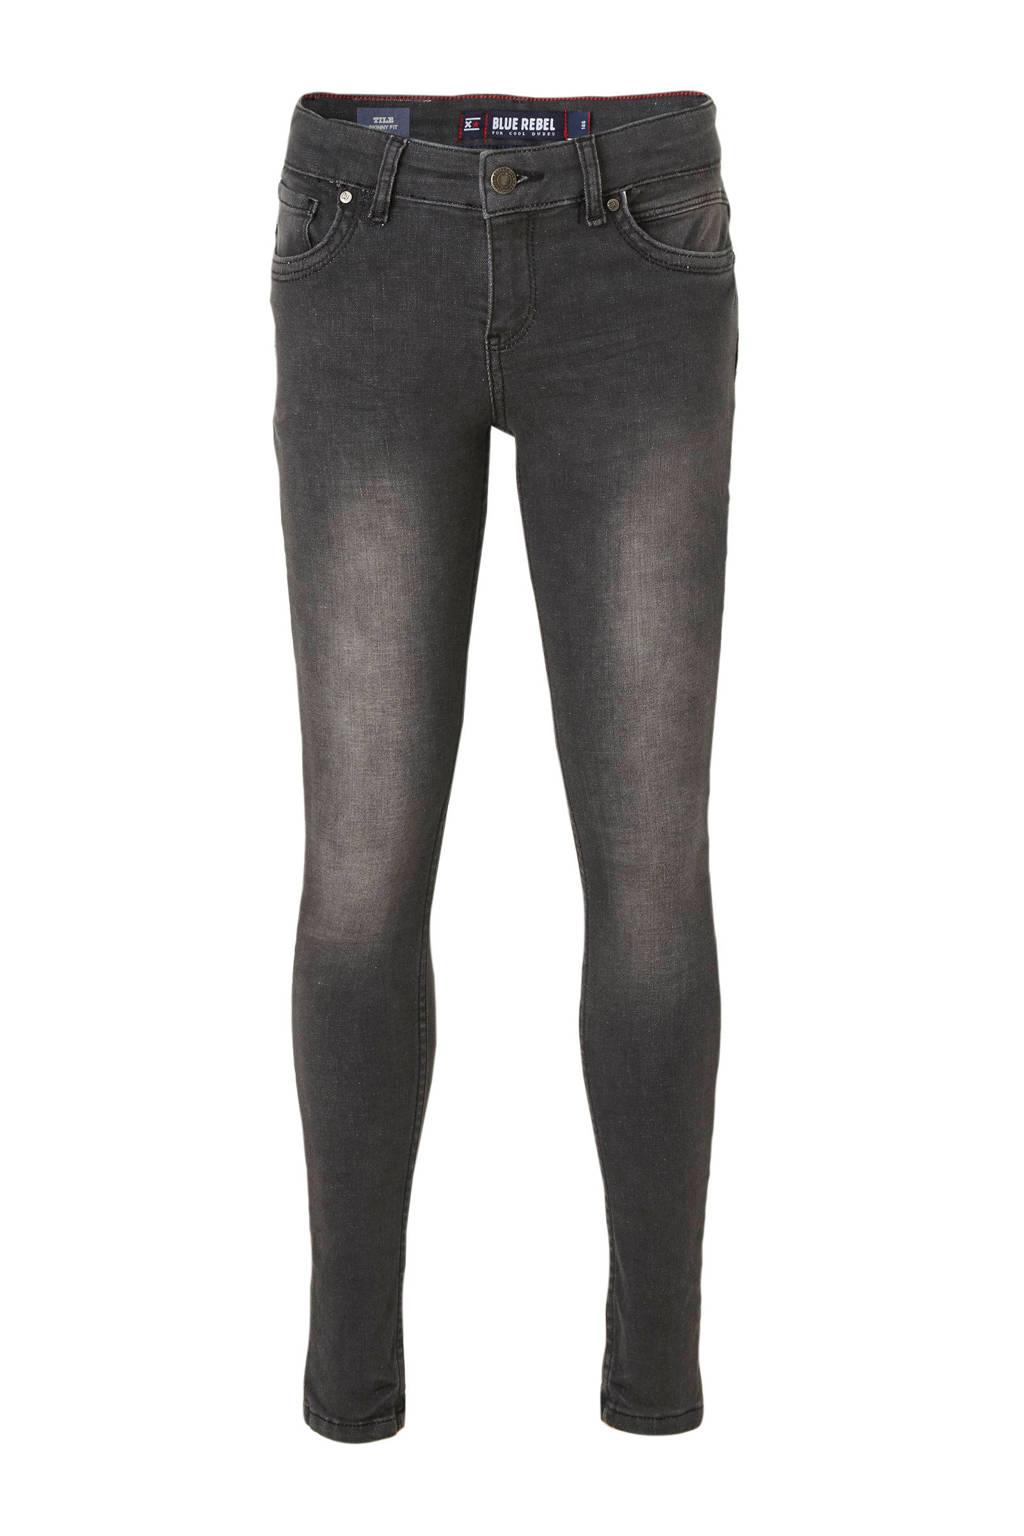 Blue Rebel super skinny jeans Tile grijs, Grijs